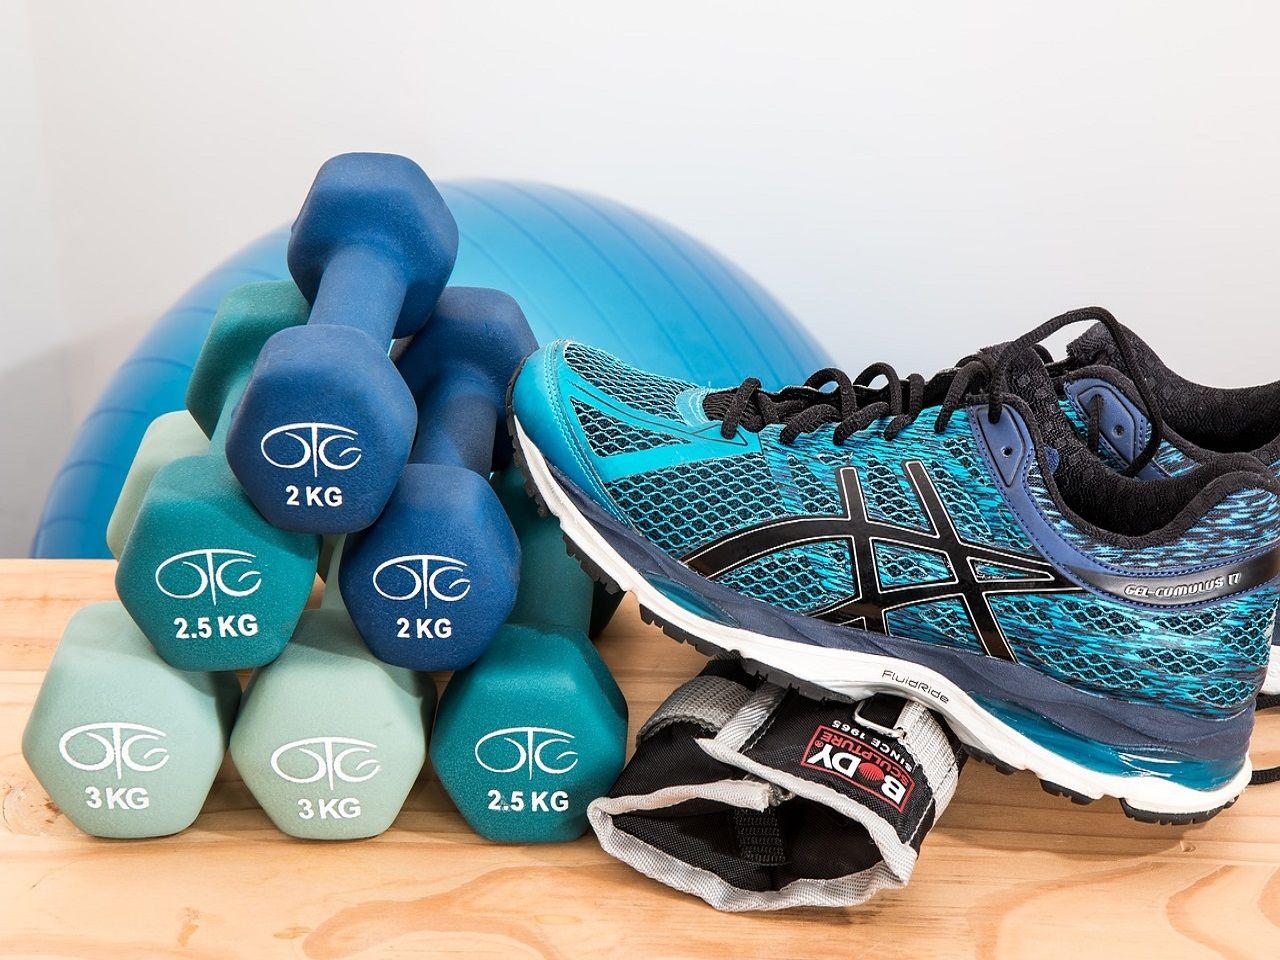 Najlepsze buty do fitnessu? Testujemy Nike, adidas, Reebok